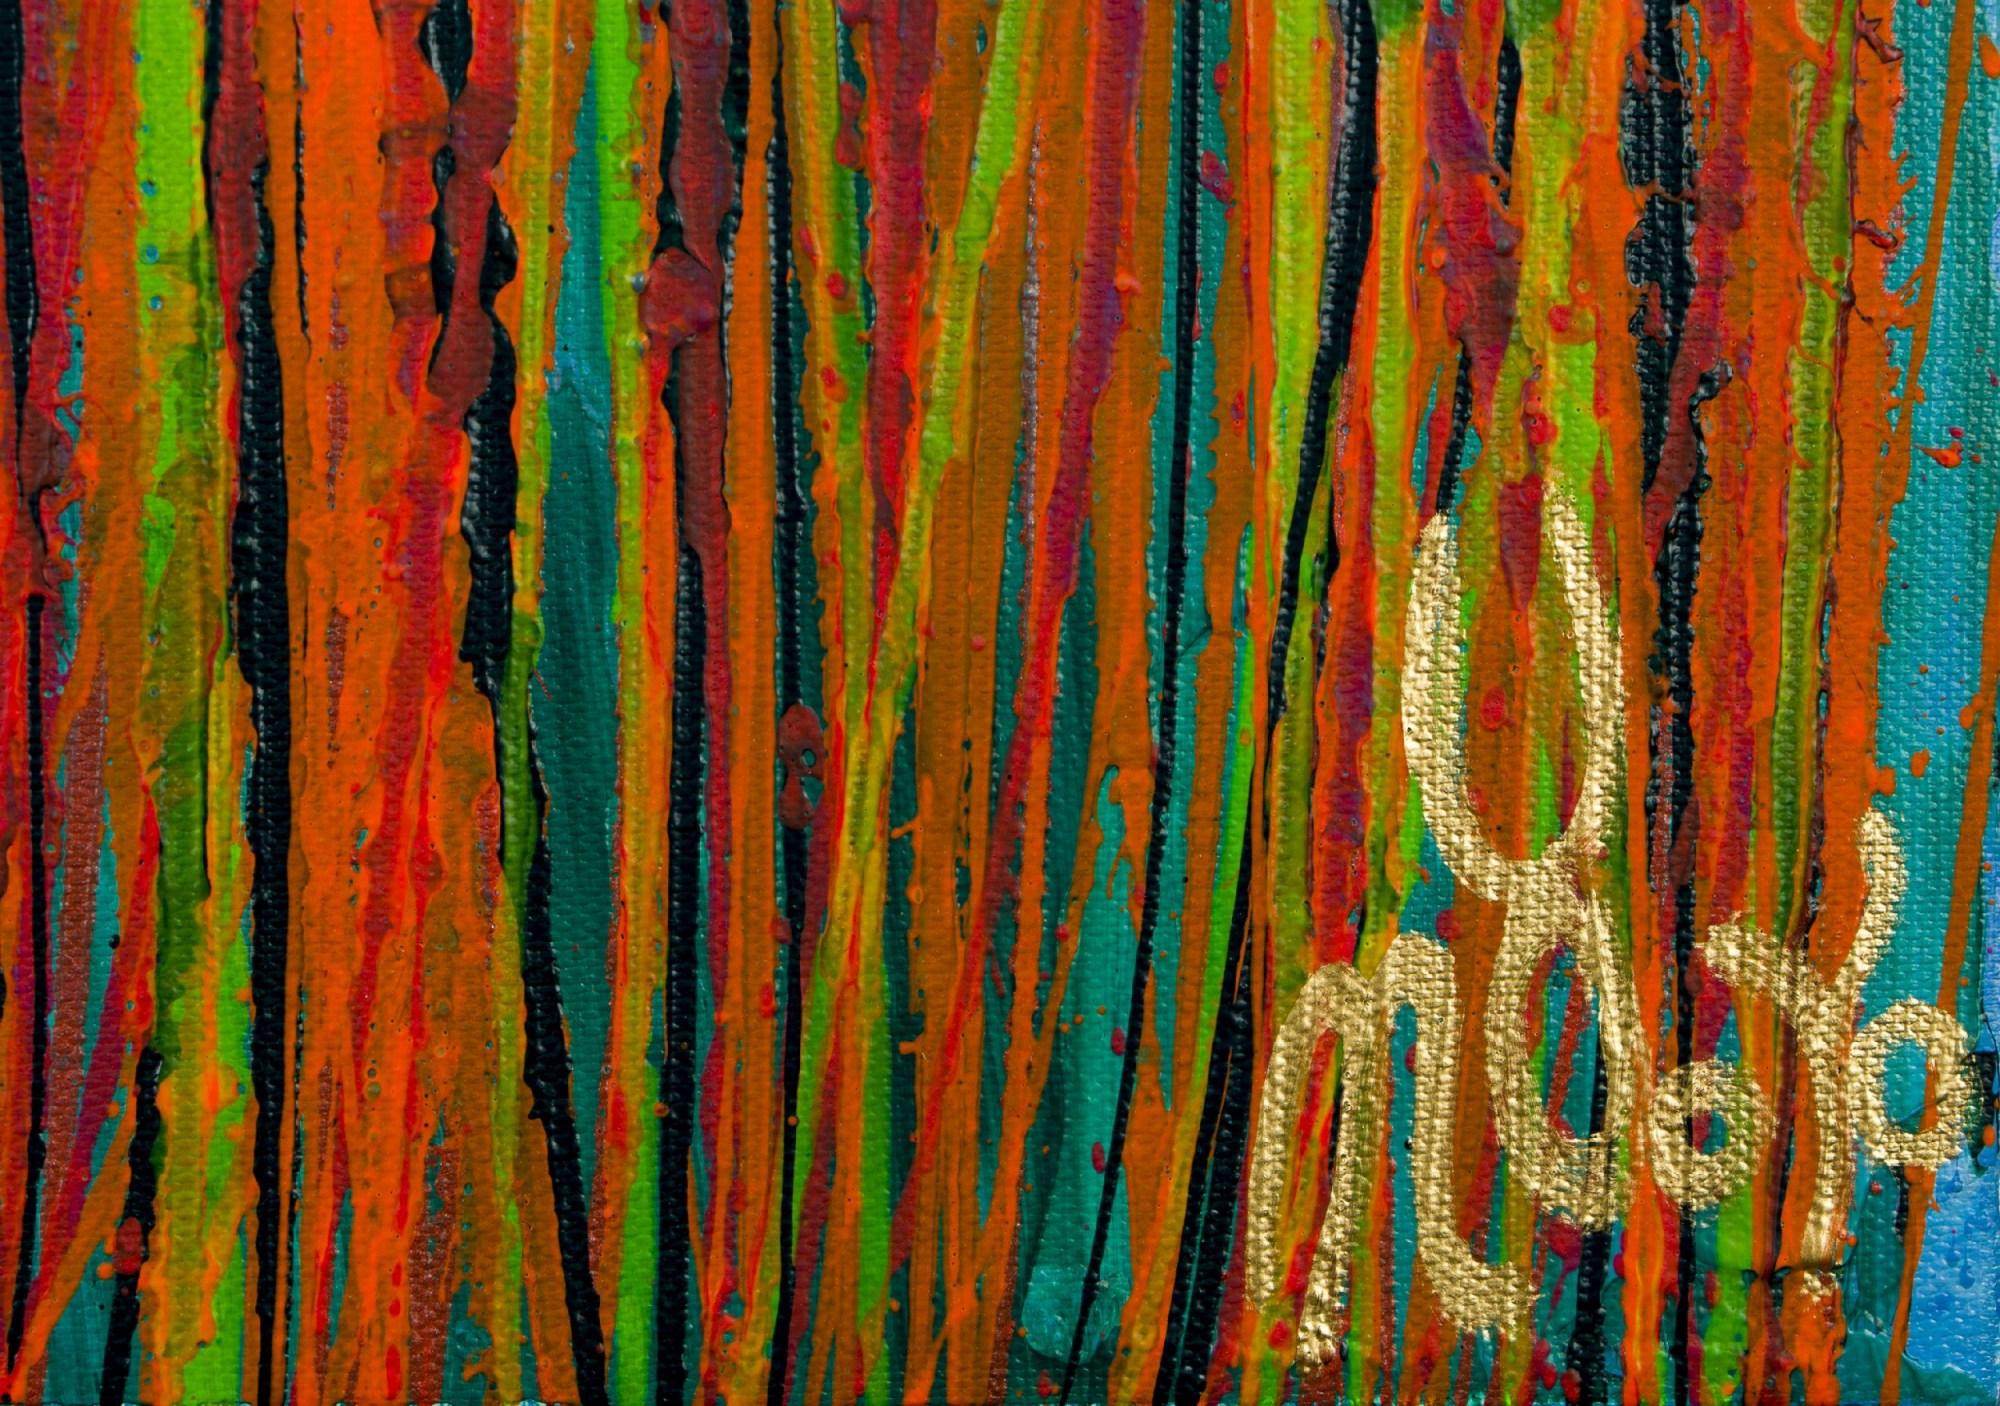 SOLD / Signature / Daydream Panorama #26 (Nature's Imagery) (2021) by Nestor Toro